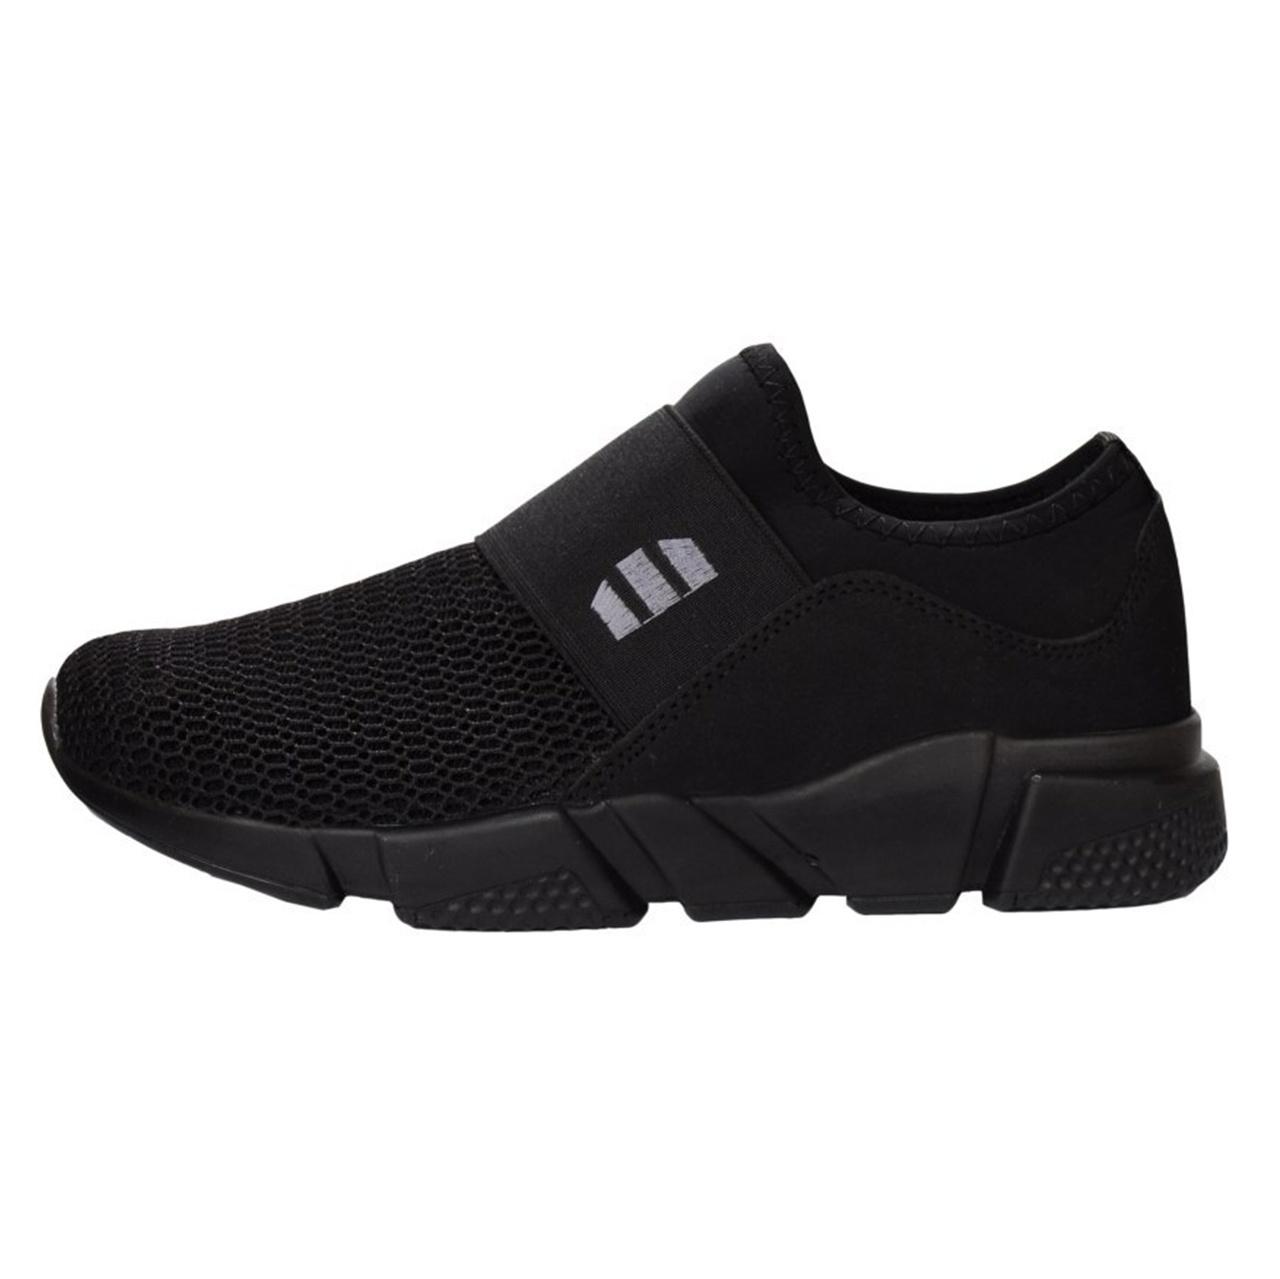 کفش مخصوص پیاده روی زنانه کد ARZ 1201 M